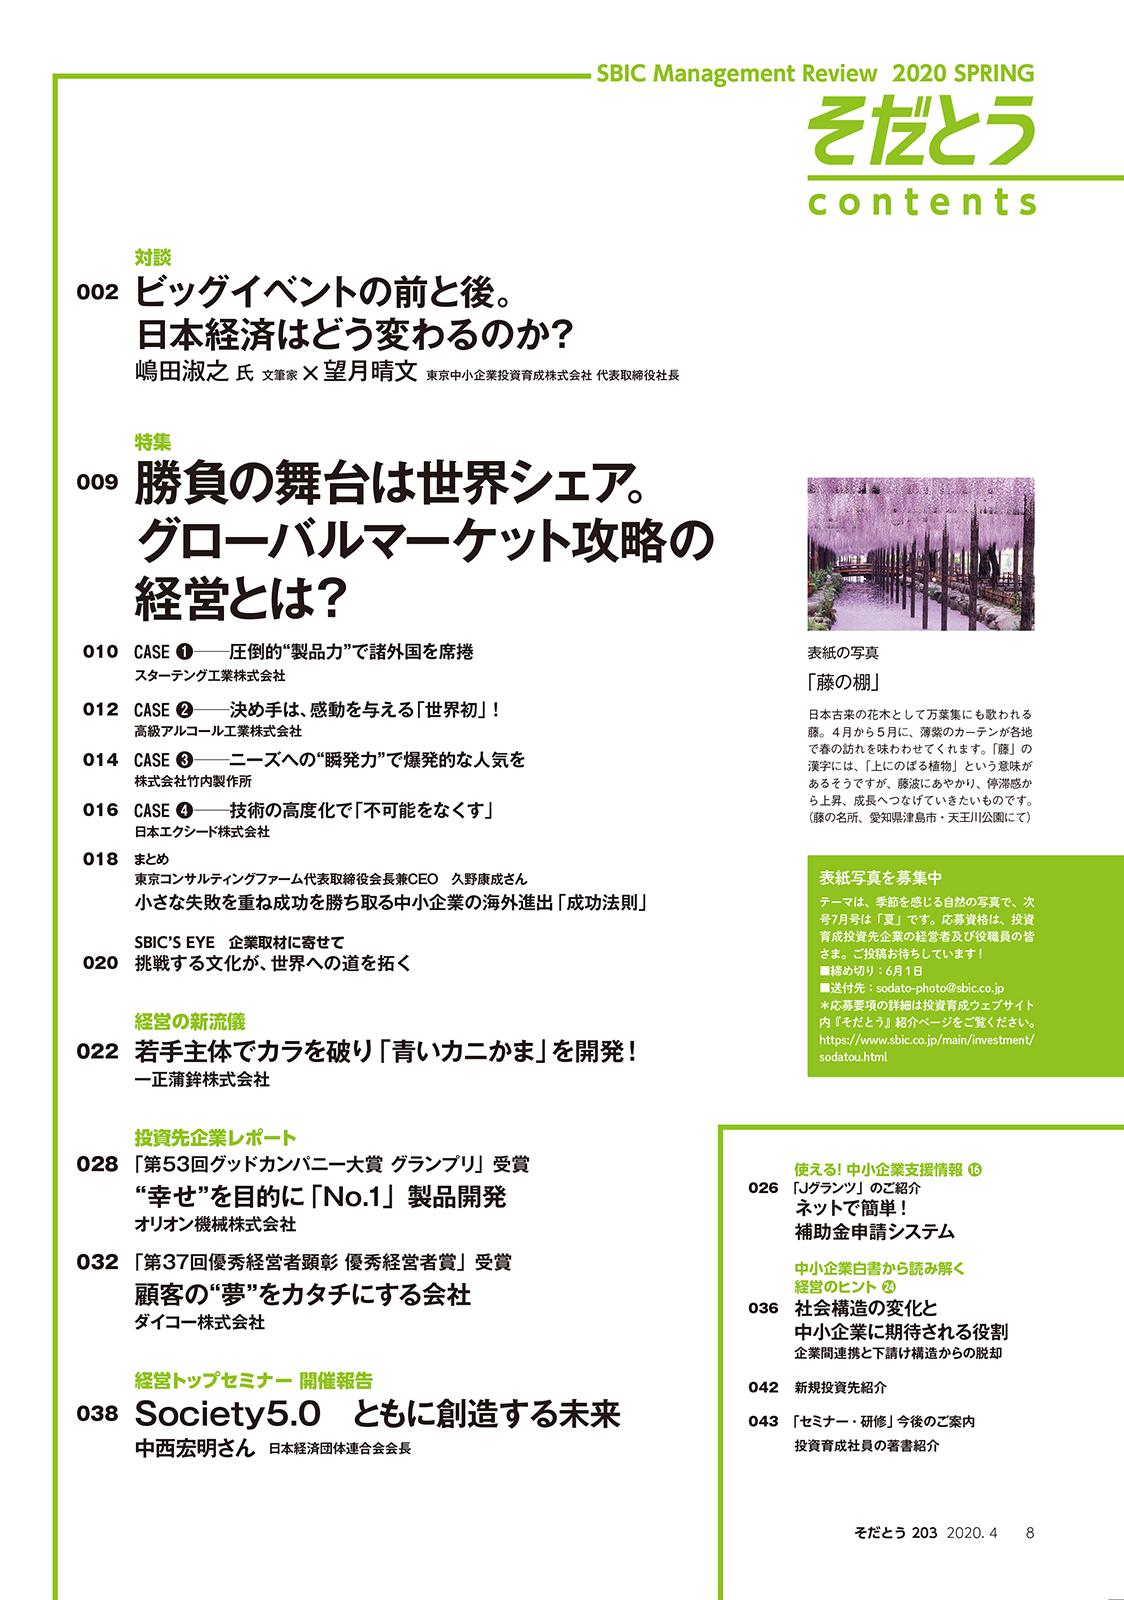 2020年4月発行Vol.203 目次